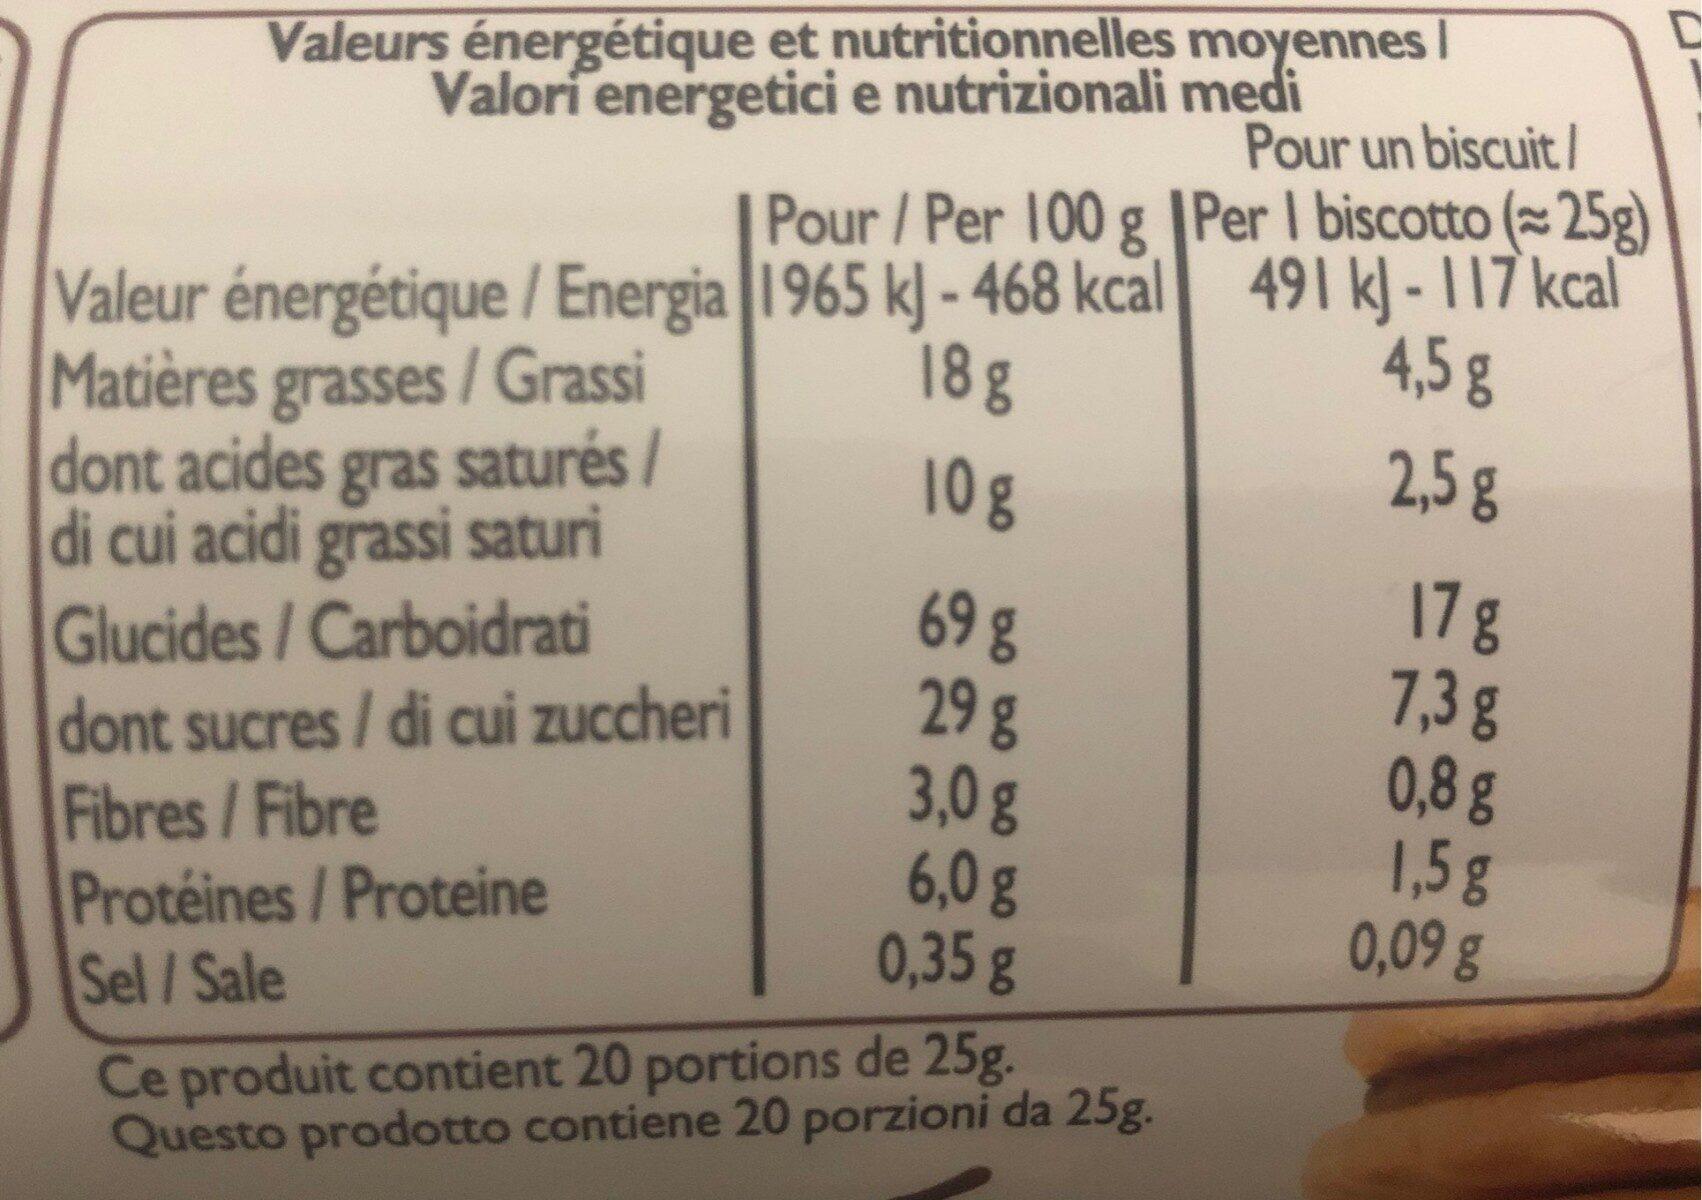 Biscuits Fourrés Goût Chocolat - Voedingswaarden - fr